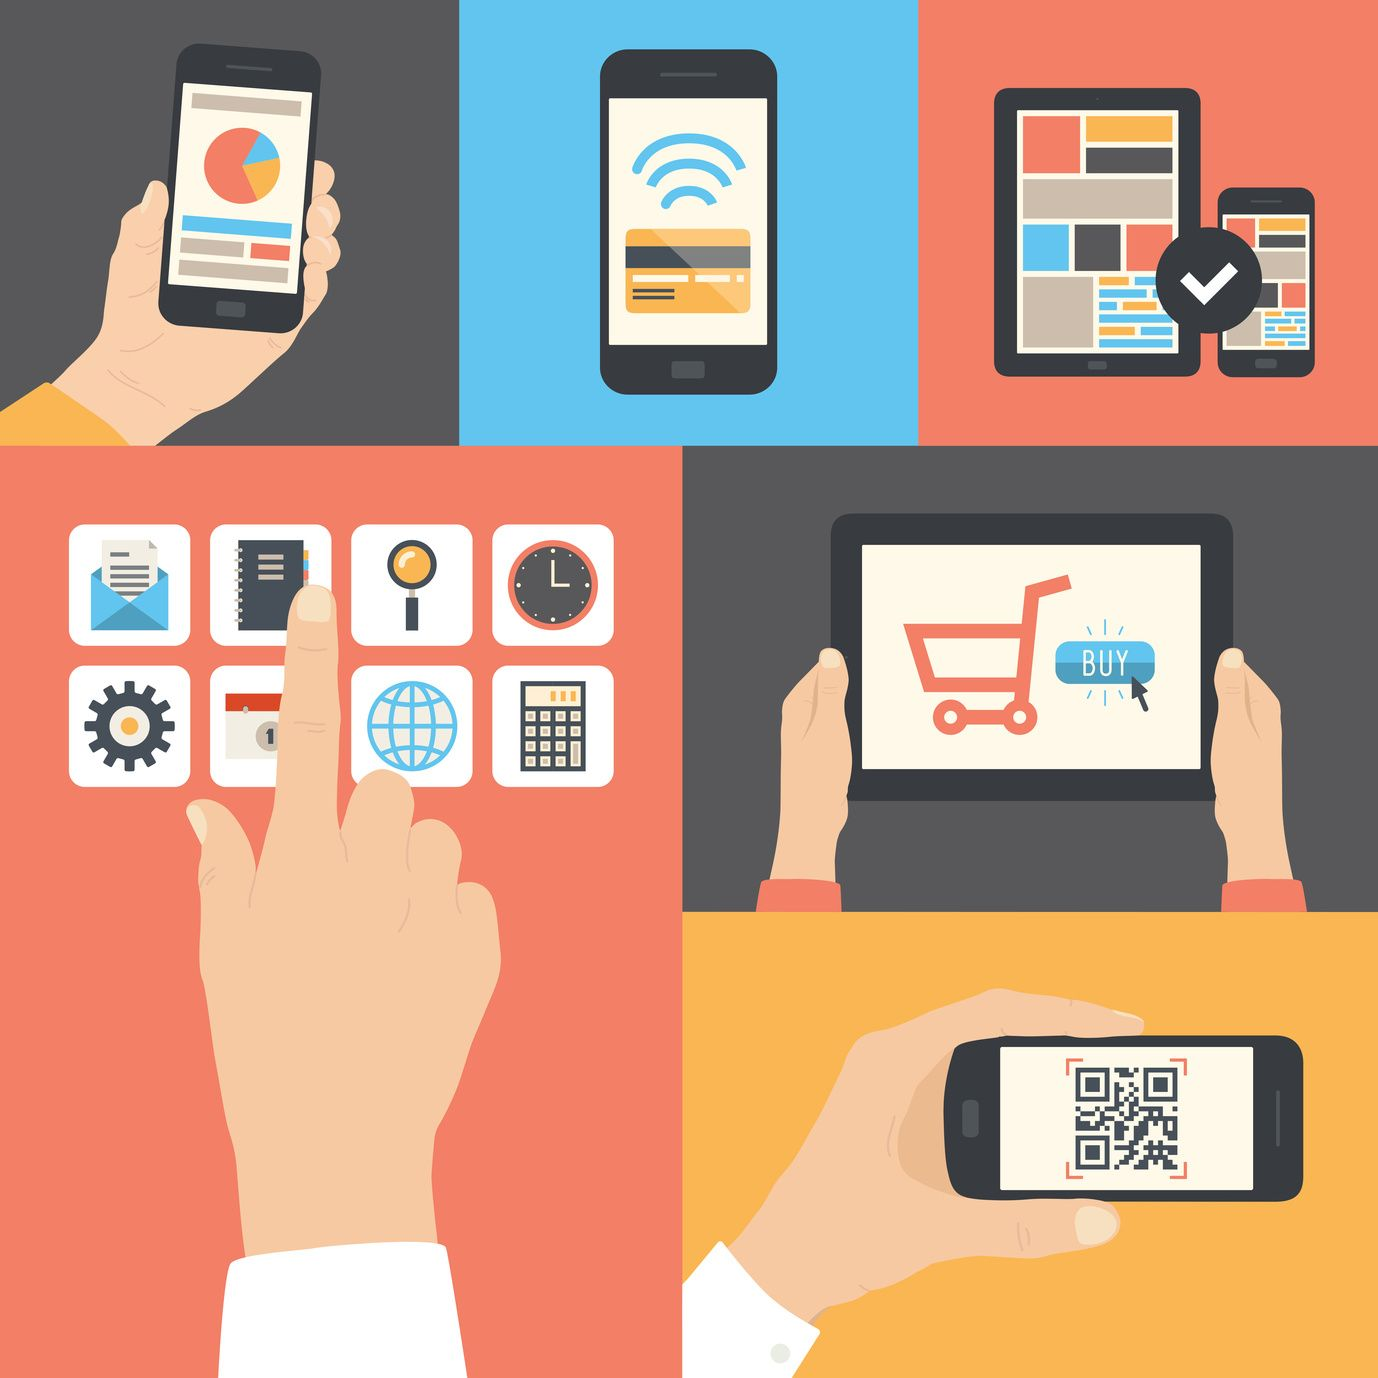 Guida all'e-commerce: 7 Consigli da Aruba per un buon design del proprio negozio online -